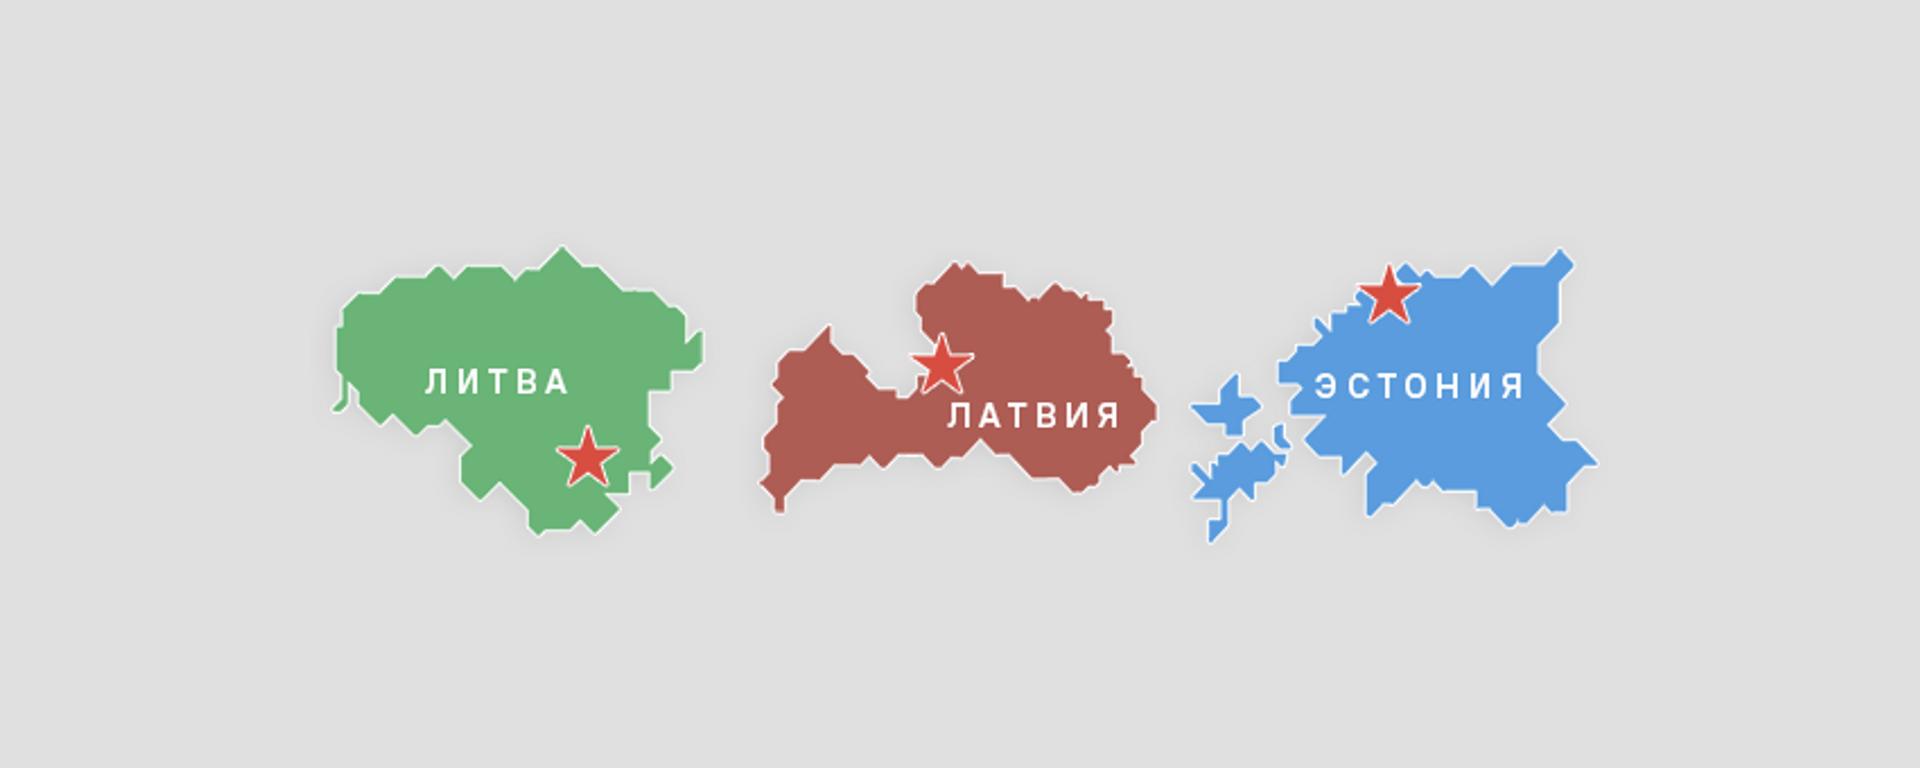 Размер НДС в странах Европы - Sputnik Грузия, 1920, 07.10.2021